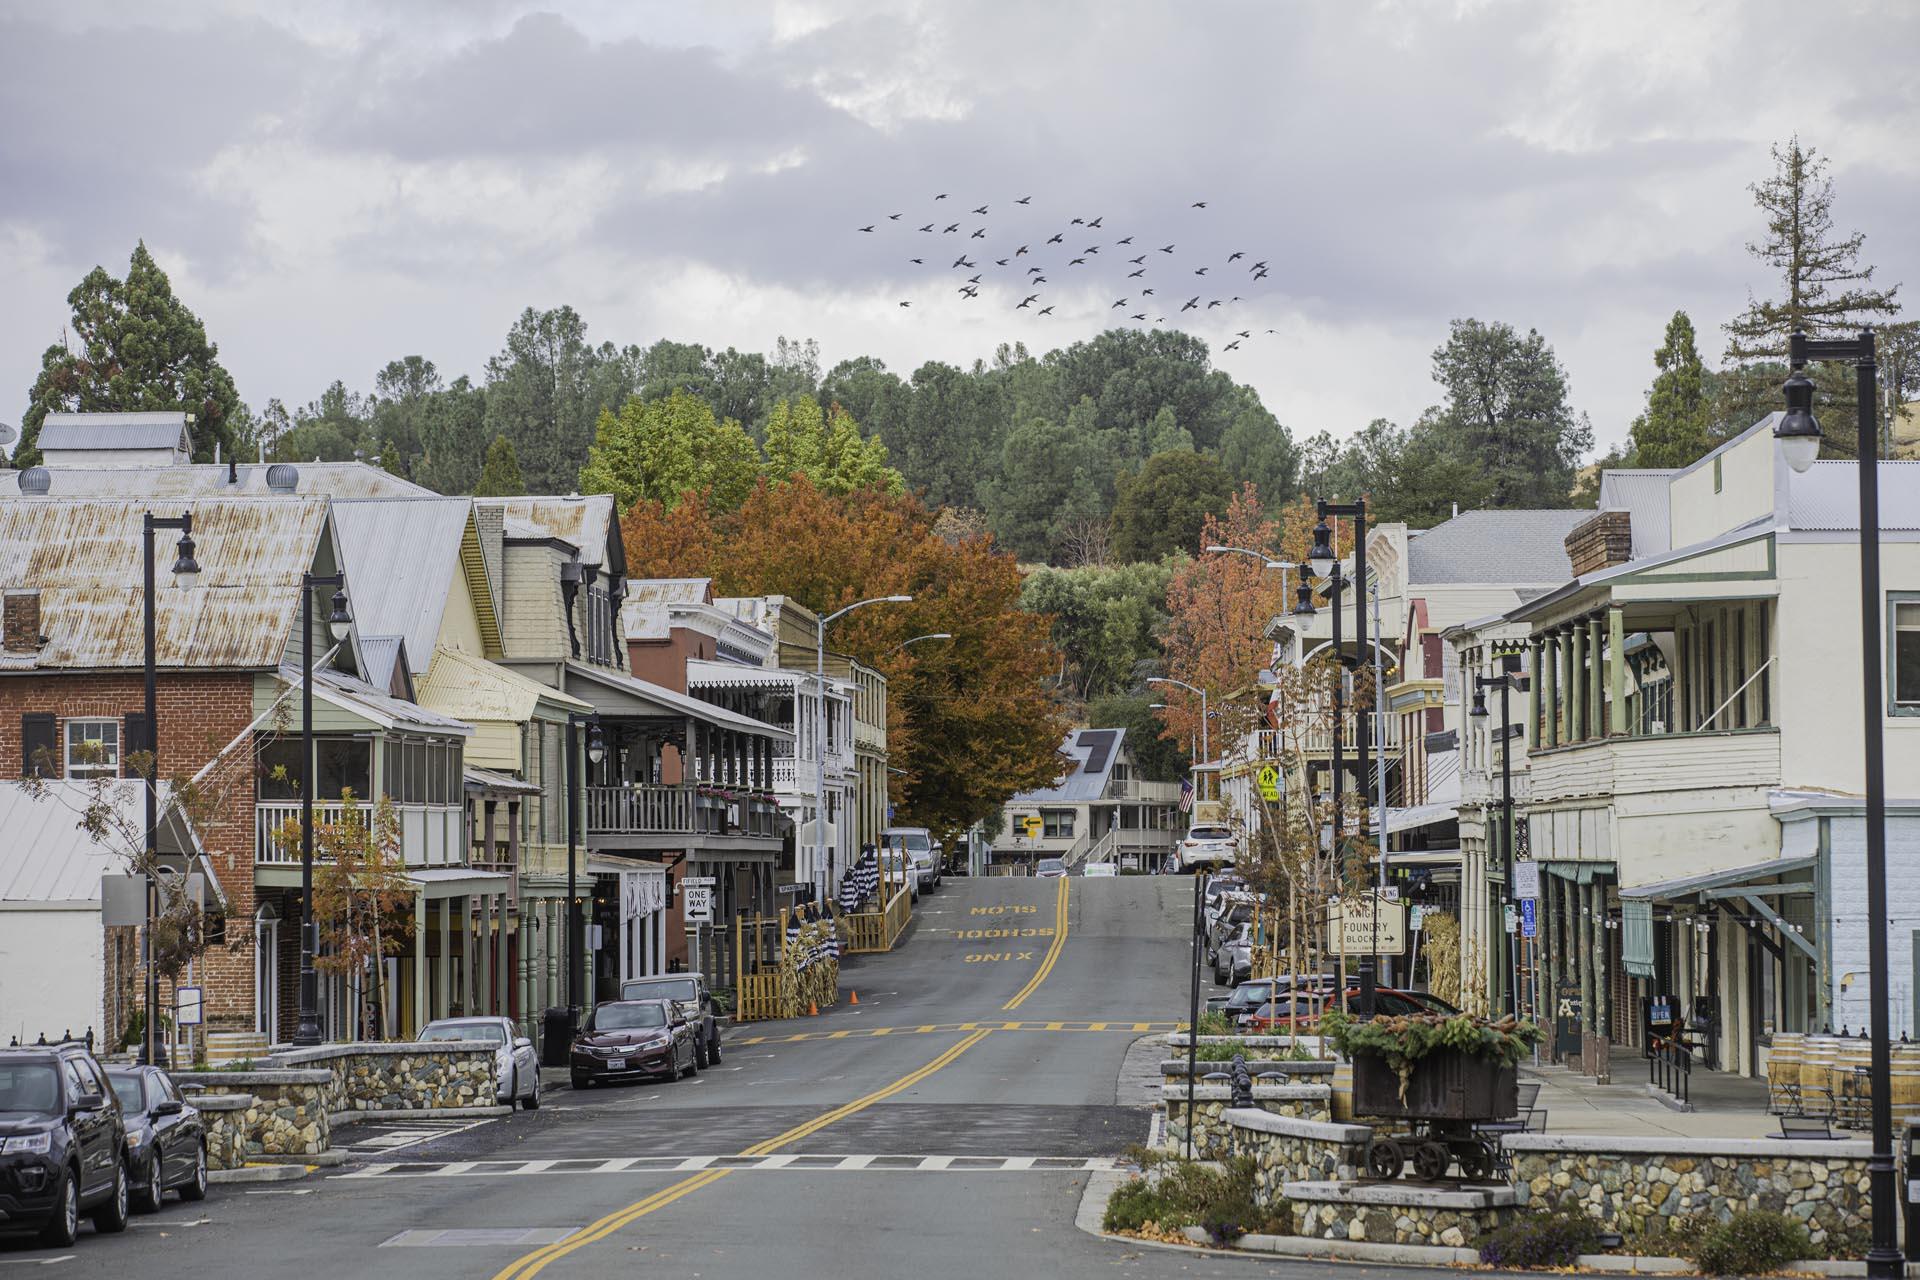 Downtown Sutter Creek